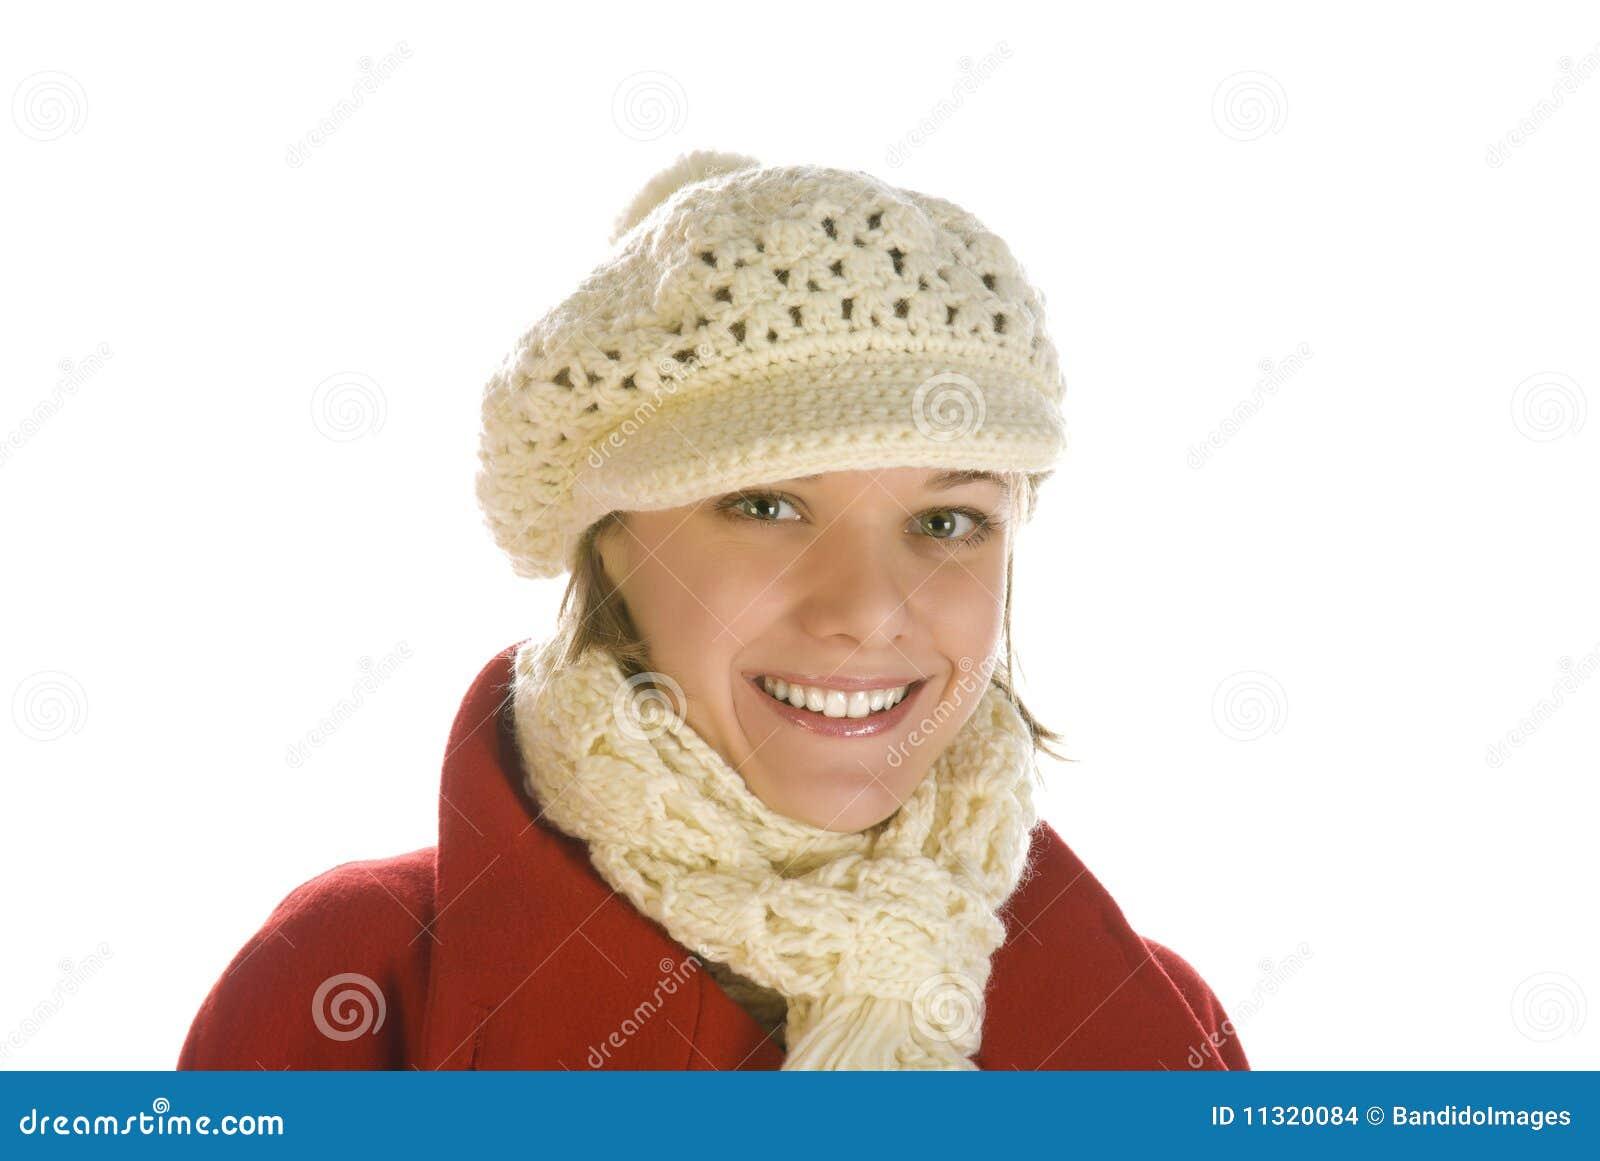 Entzückende junge Frau in einer Schutzkappe